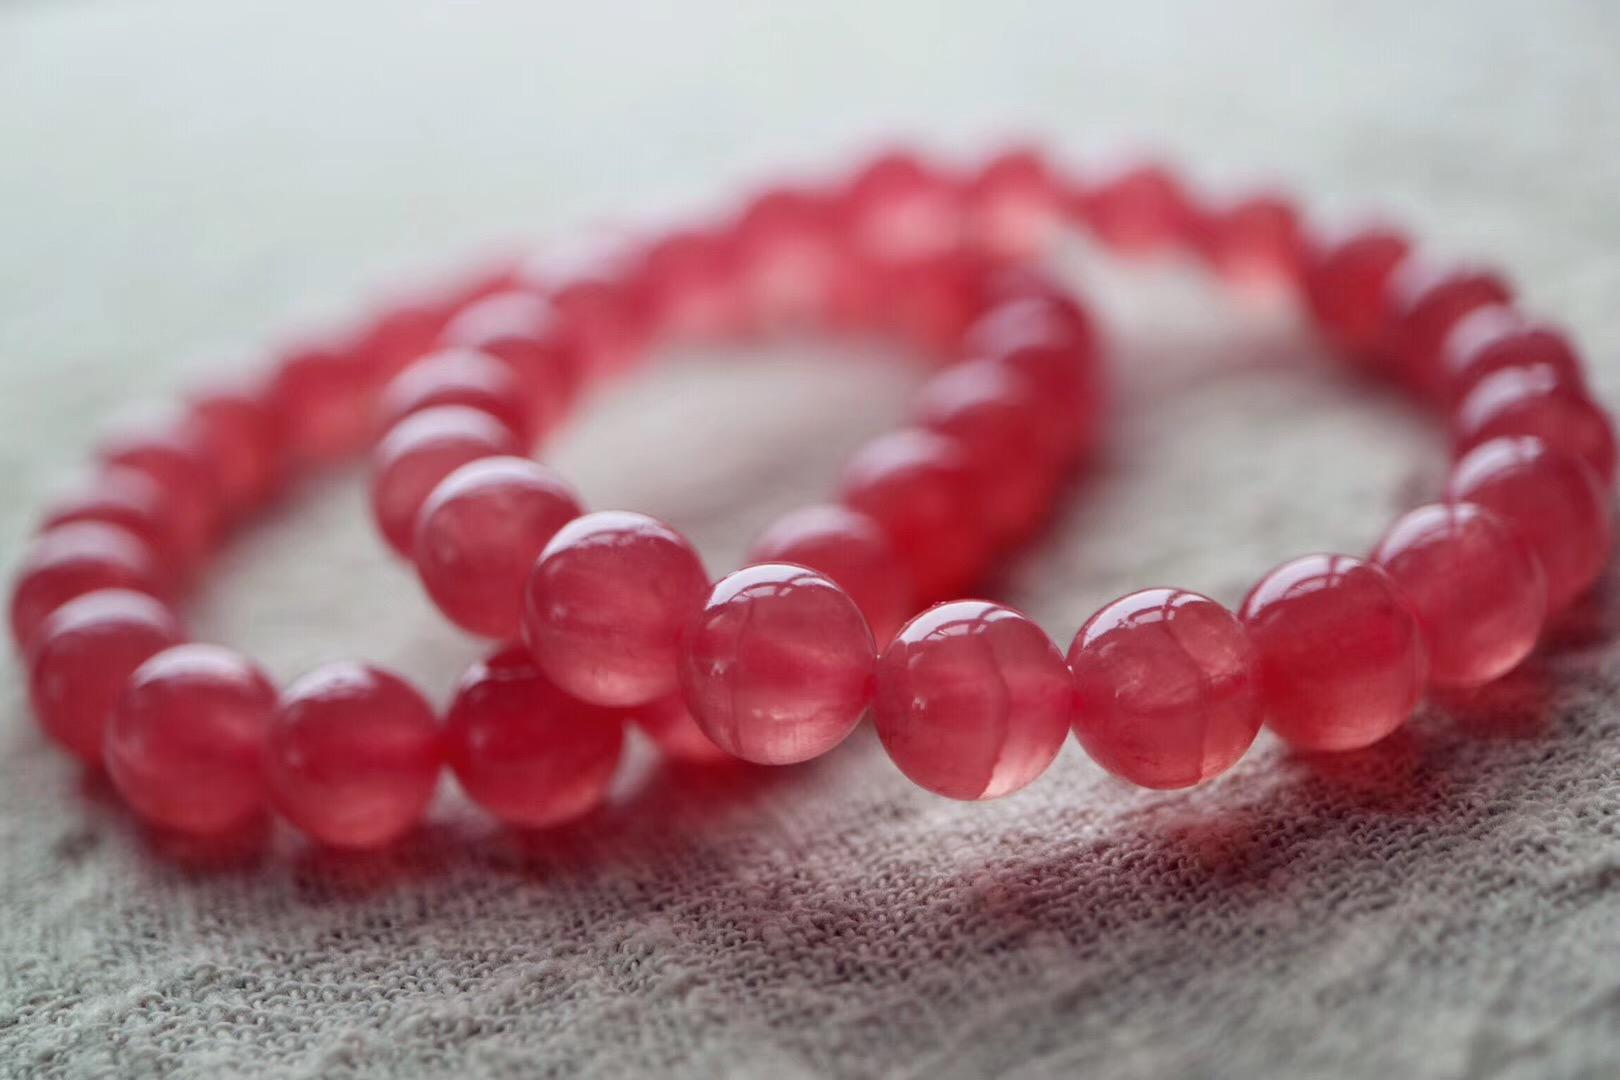 菩心   红纹石手链,招异性桃花的灵石-菩心晶舍